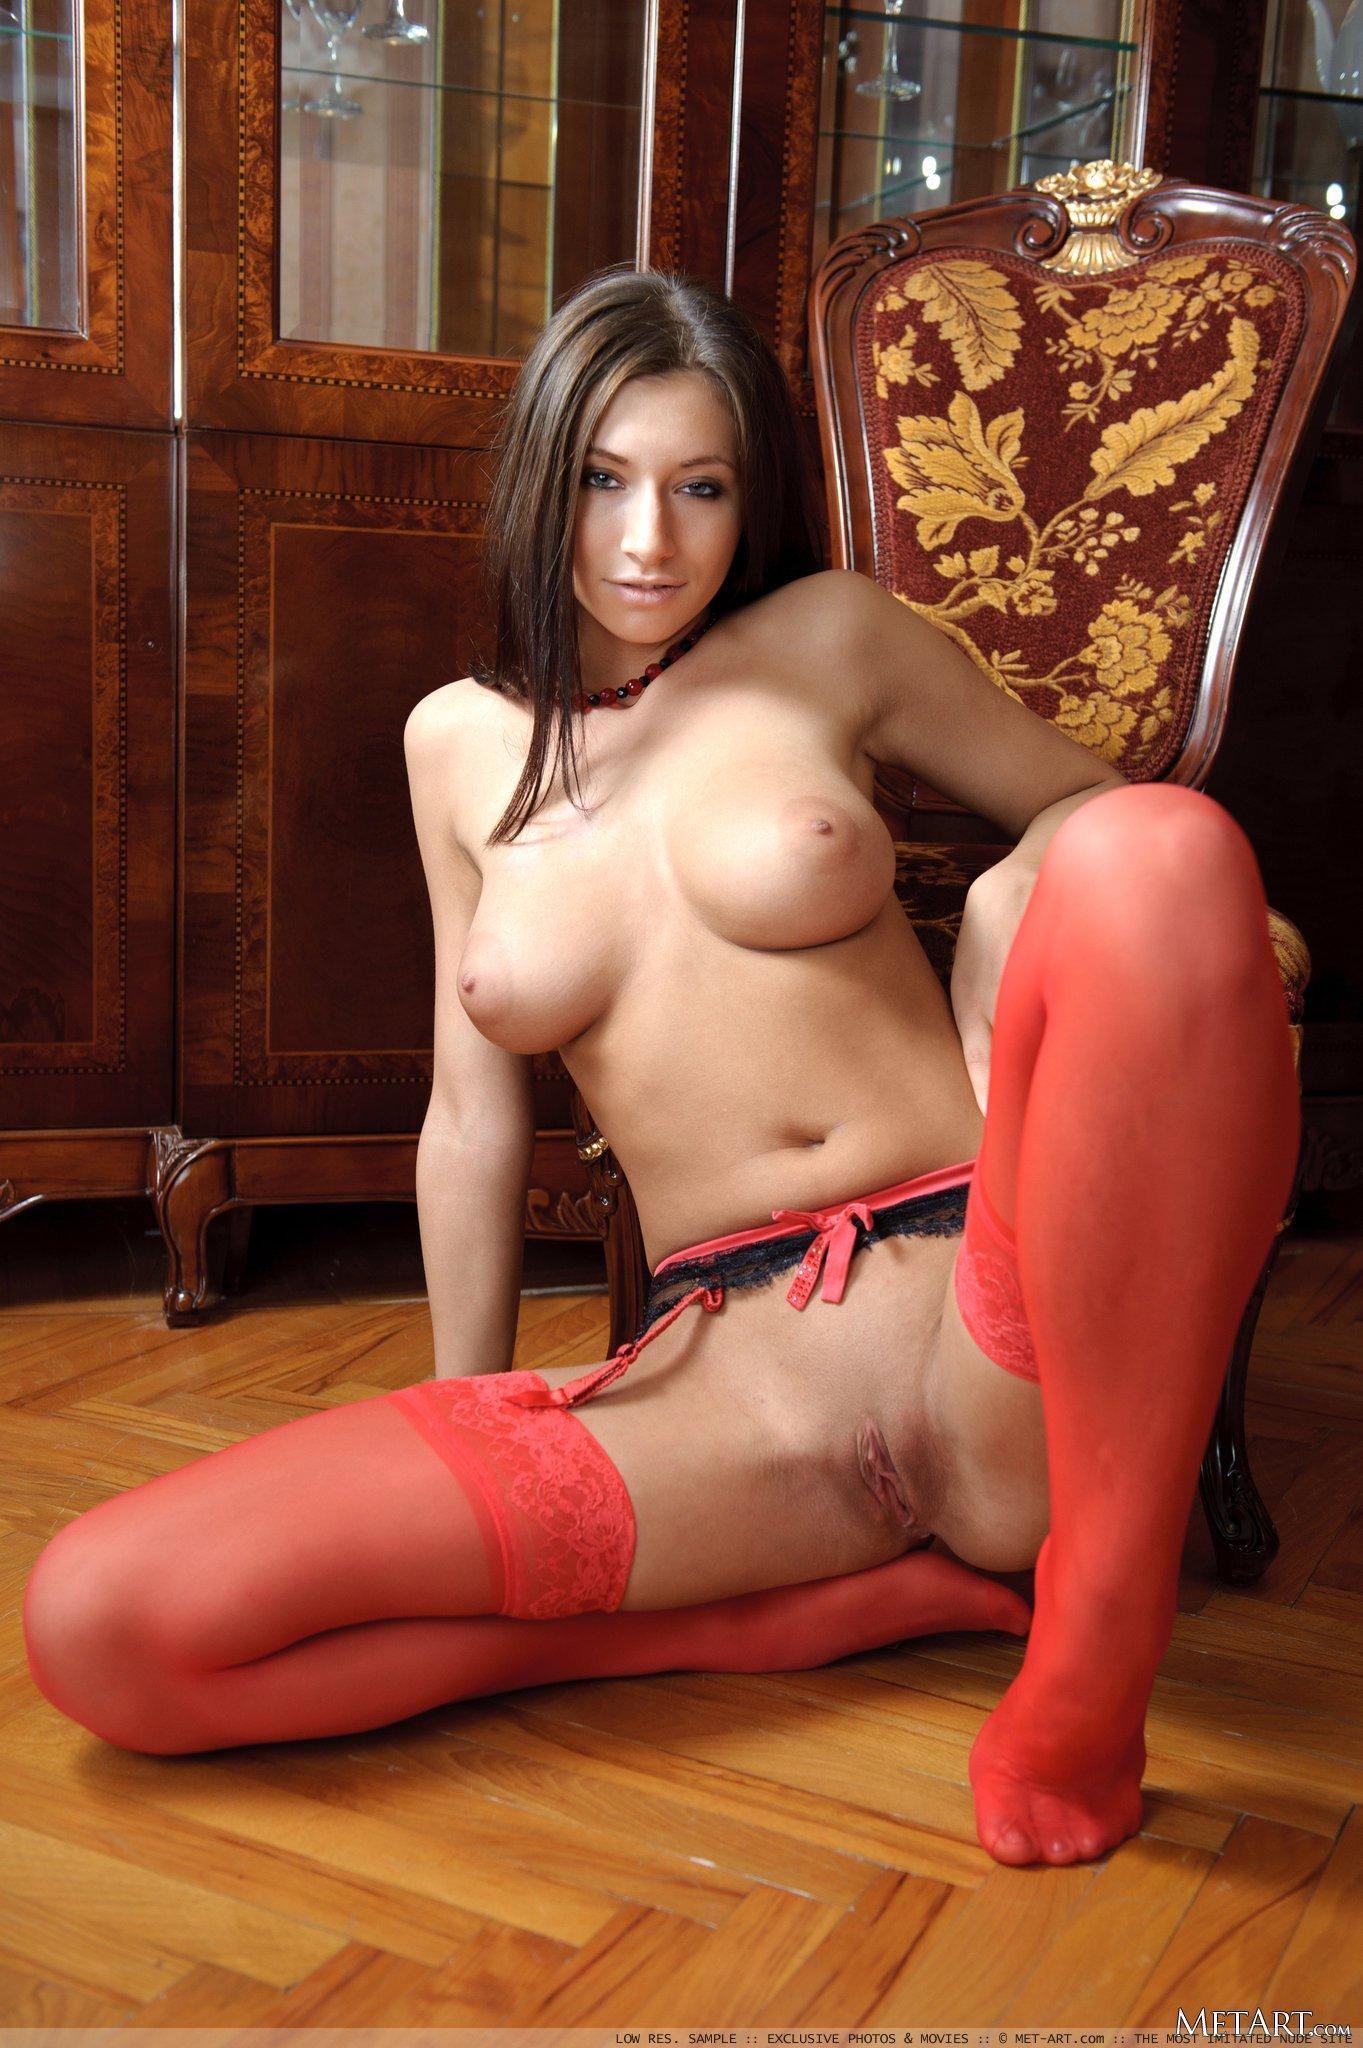 metart stockings simone-b-red-stockings-met-art-14